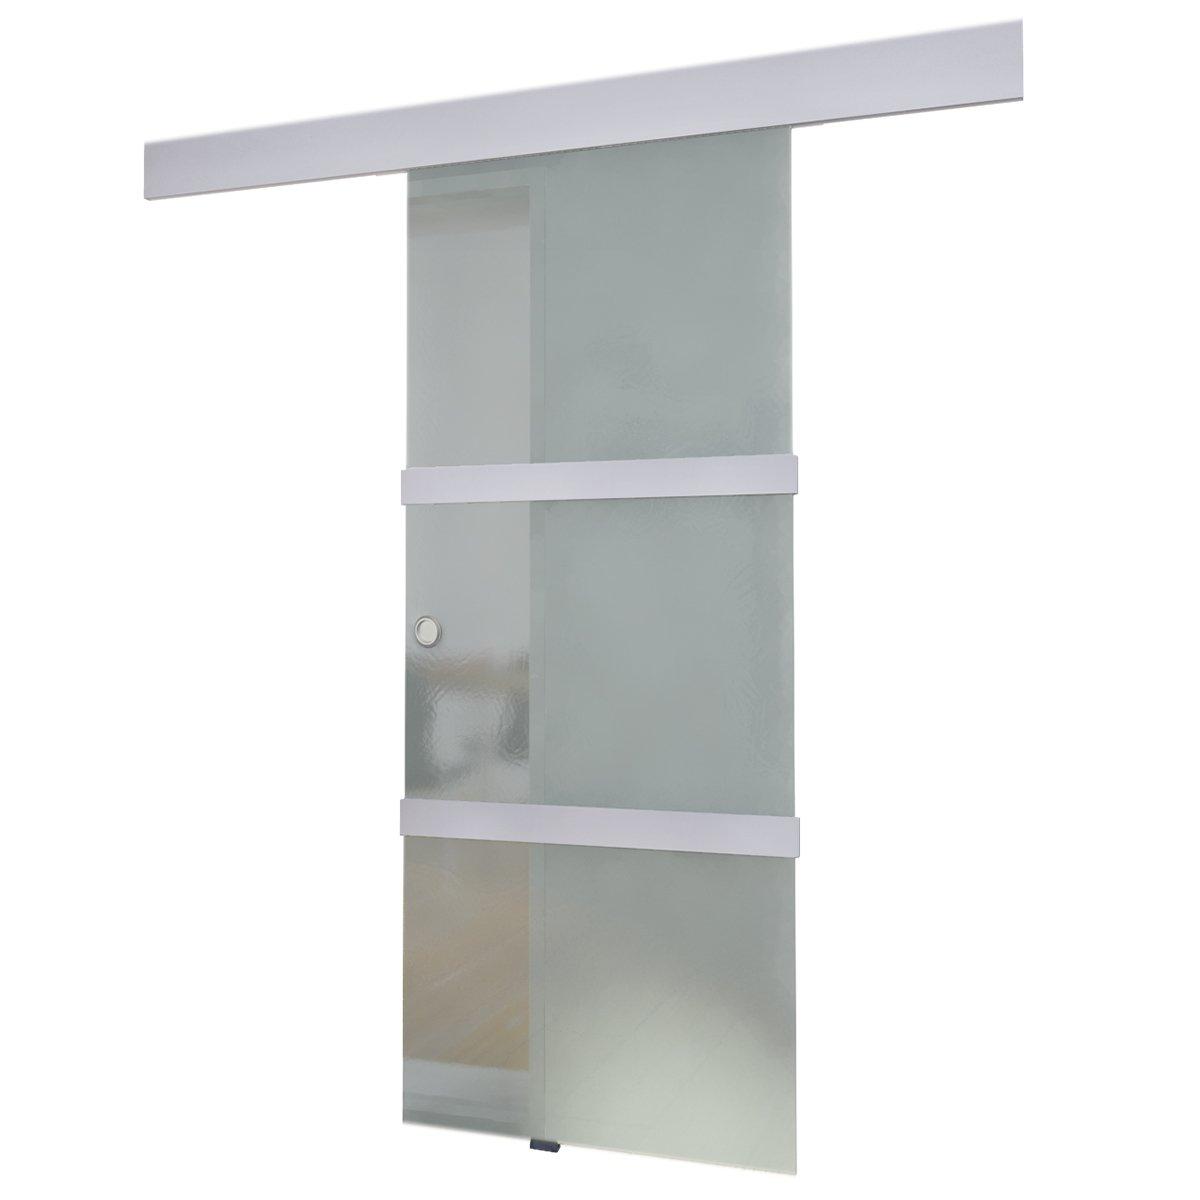 Tür glas  Schiebetür aus Glas 2050 x 750 mm: Amazon.de: Küche & Haushalt